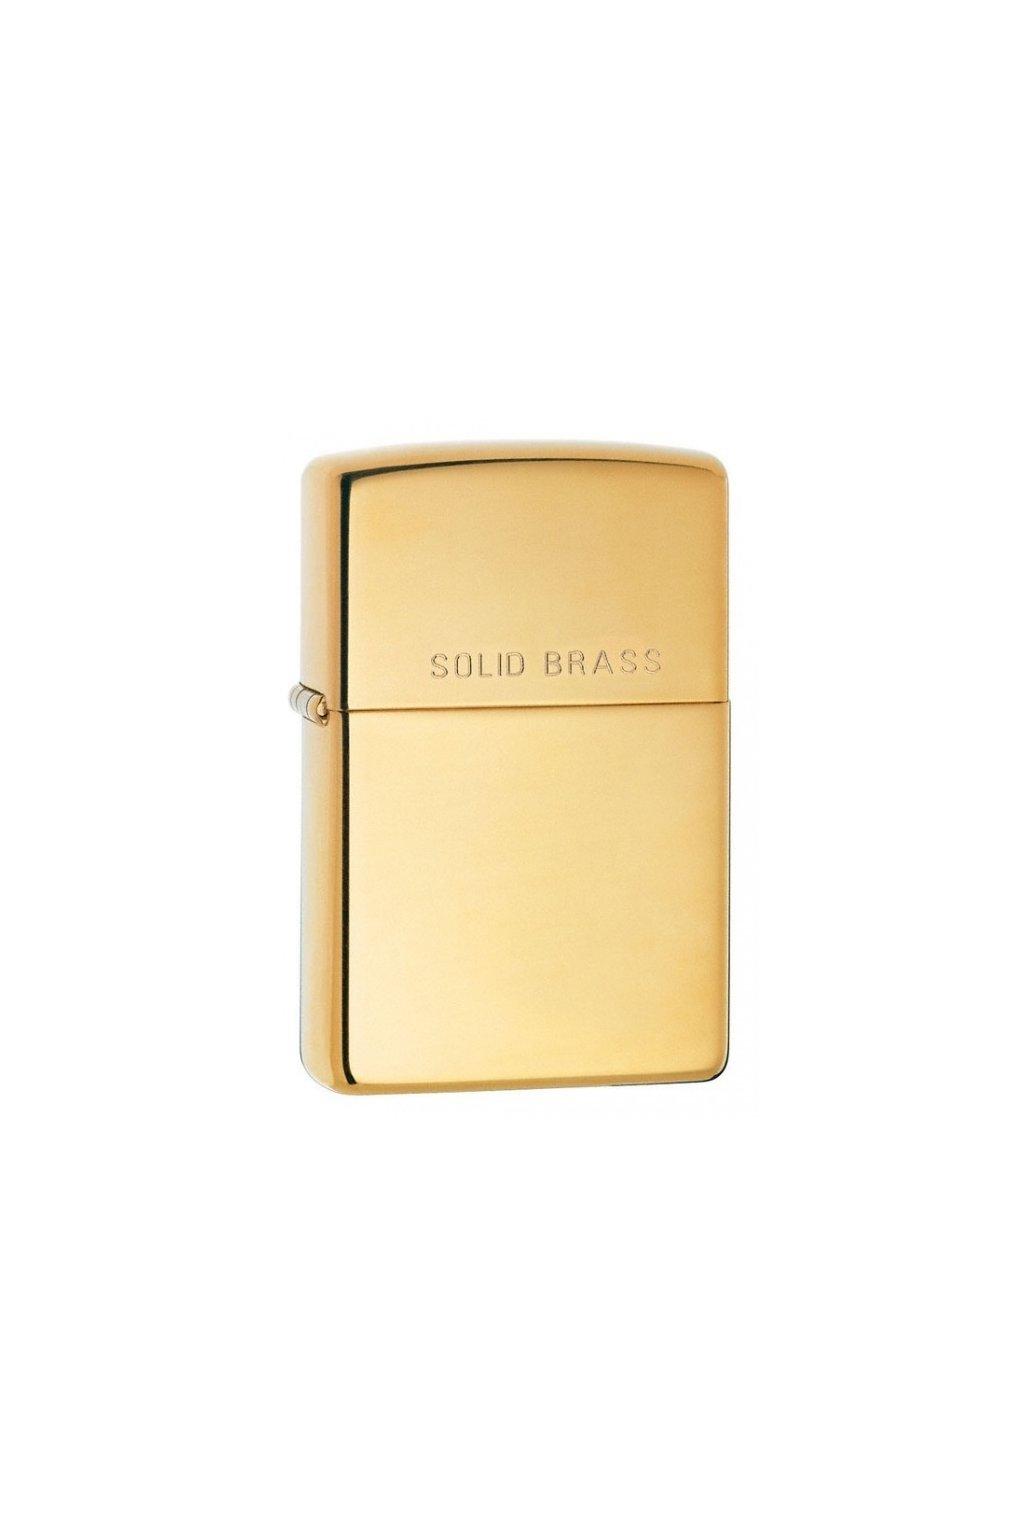 93509 zippo zapalovac 24001 solid brass